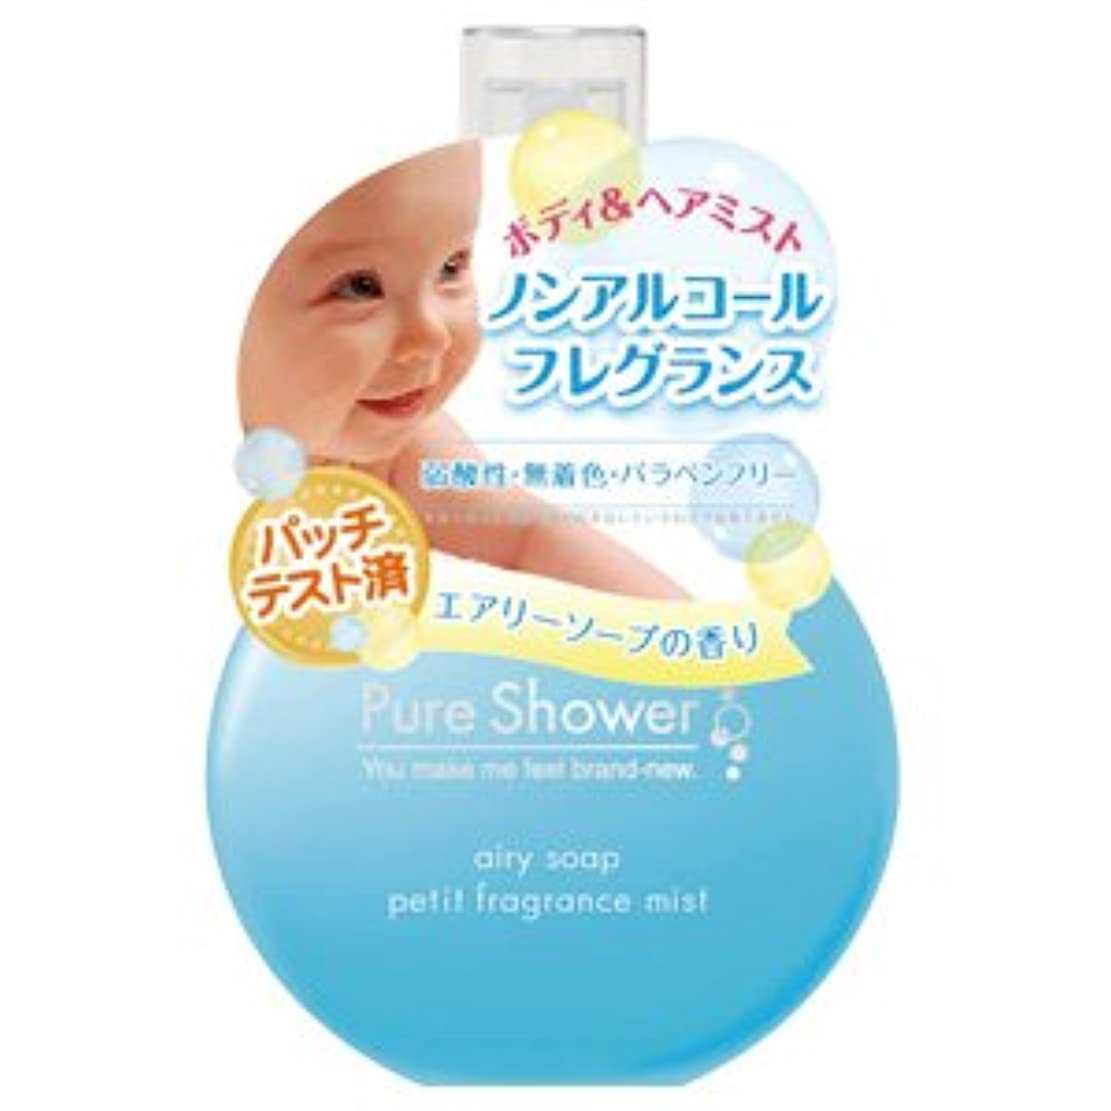 オーブン韻ギャラントリーピュアシャワー Pure Shower ノンアルコール フレグランスミスト エアリーソープ 50ml